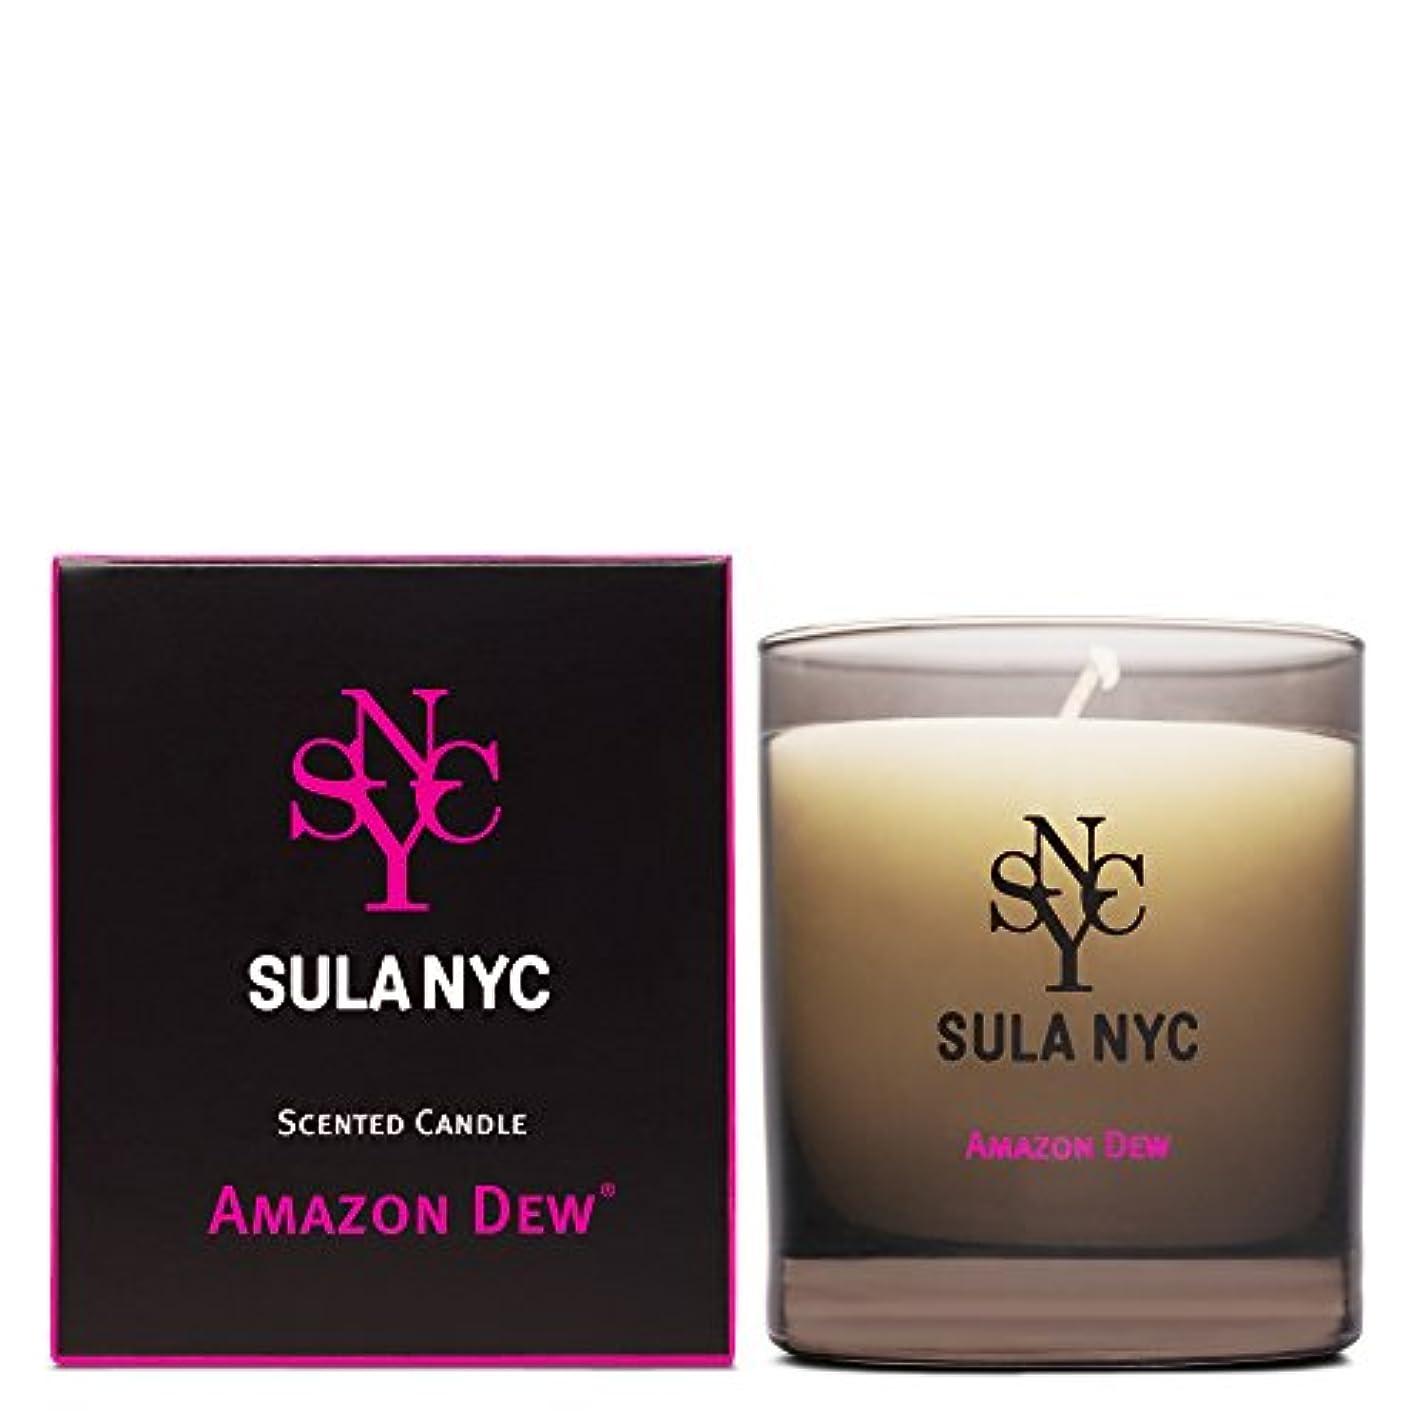 矢印明確な神経SULA NYC SCENTED CANDLE AMAZON DEW スーラNYCセンティッドキャンドル アマゾン?デュー